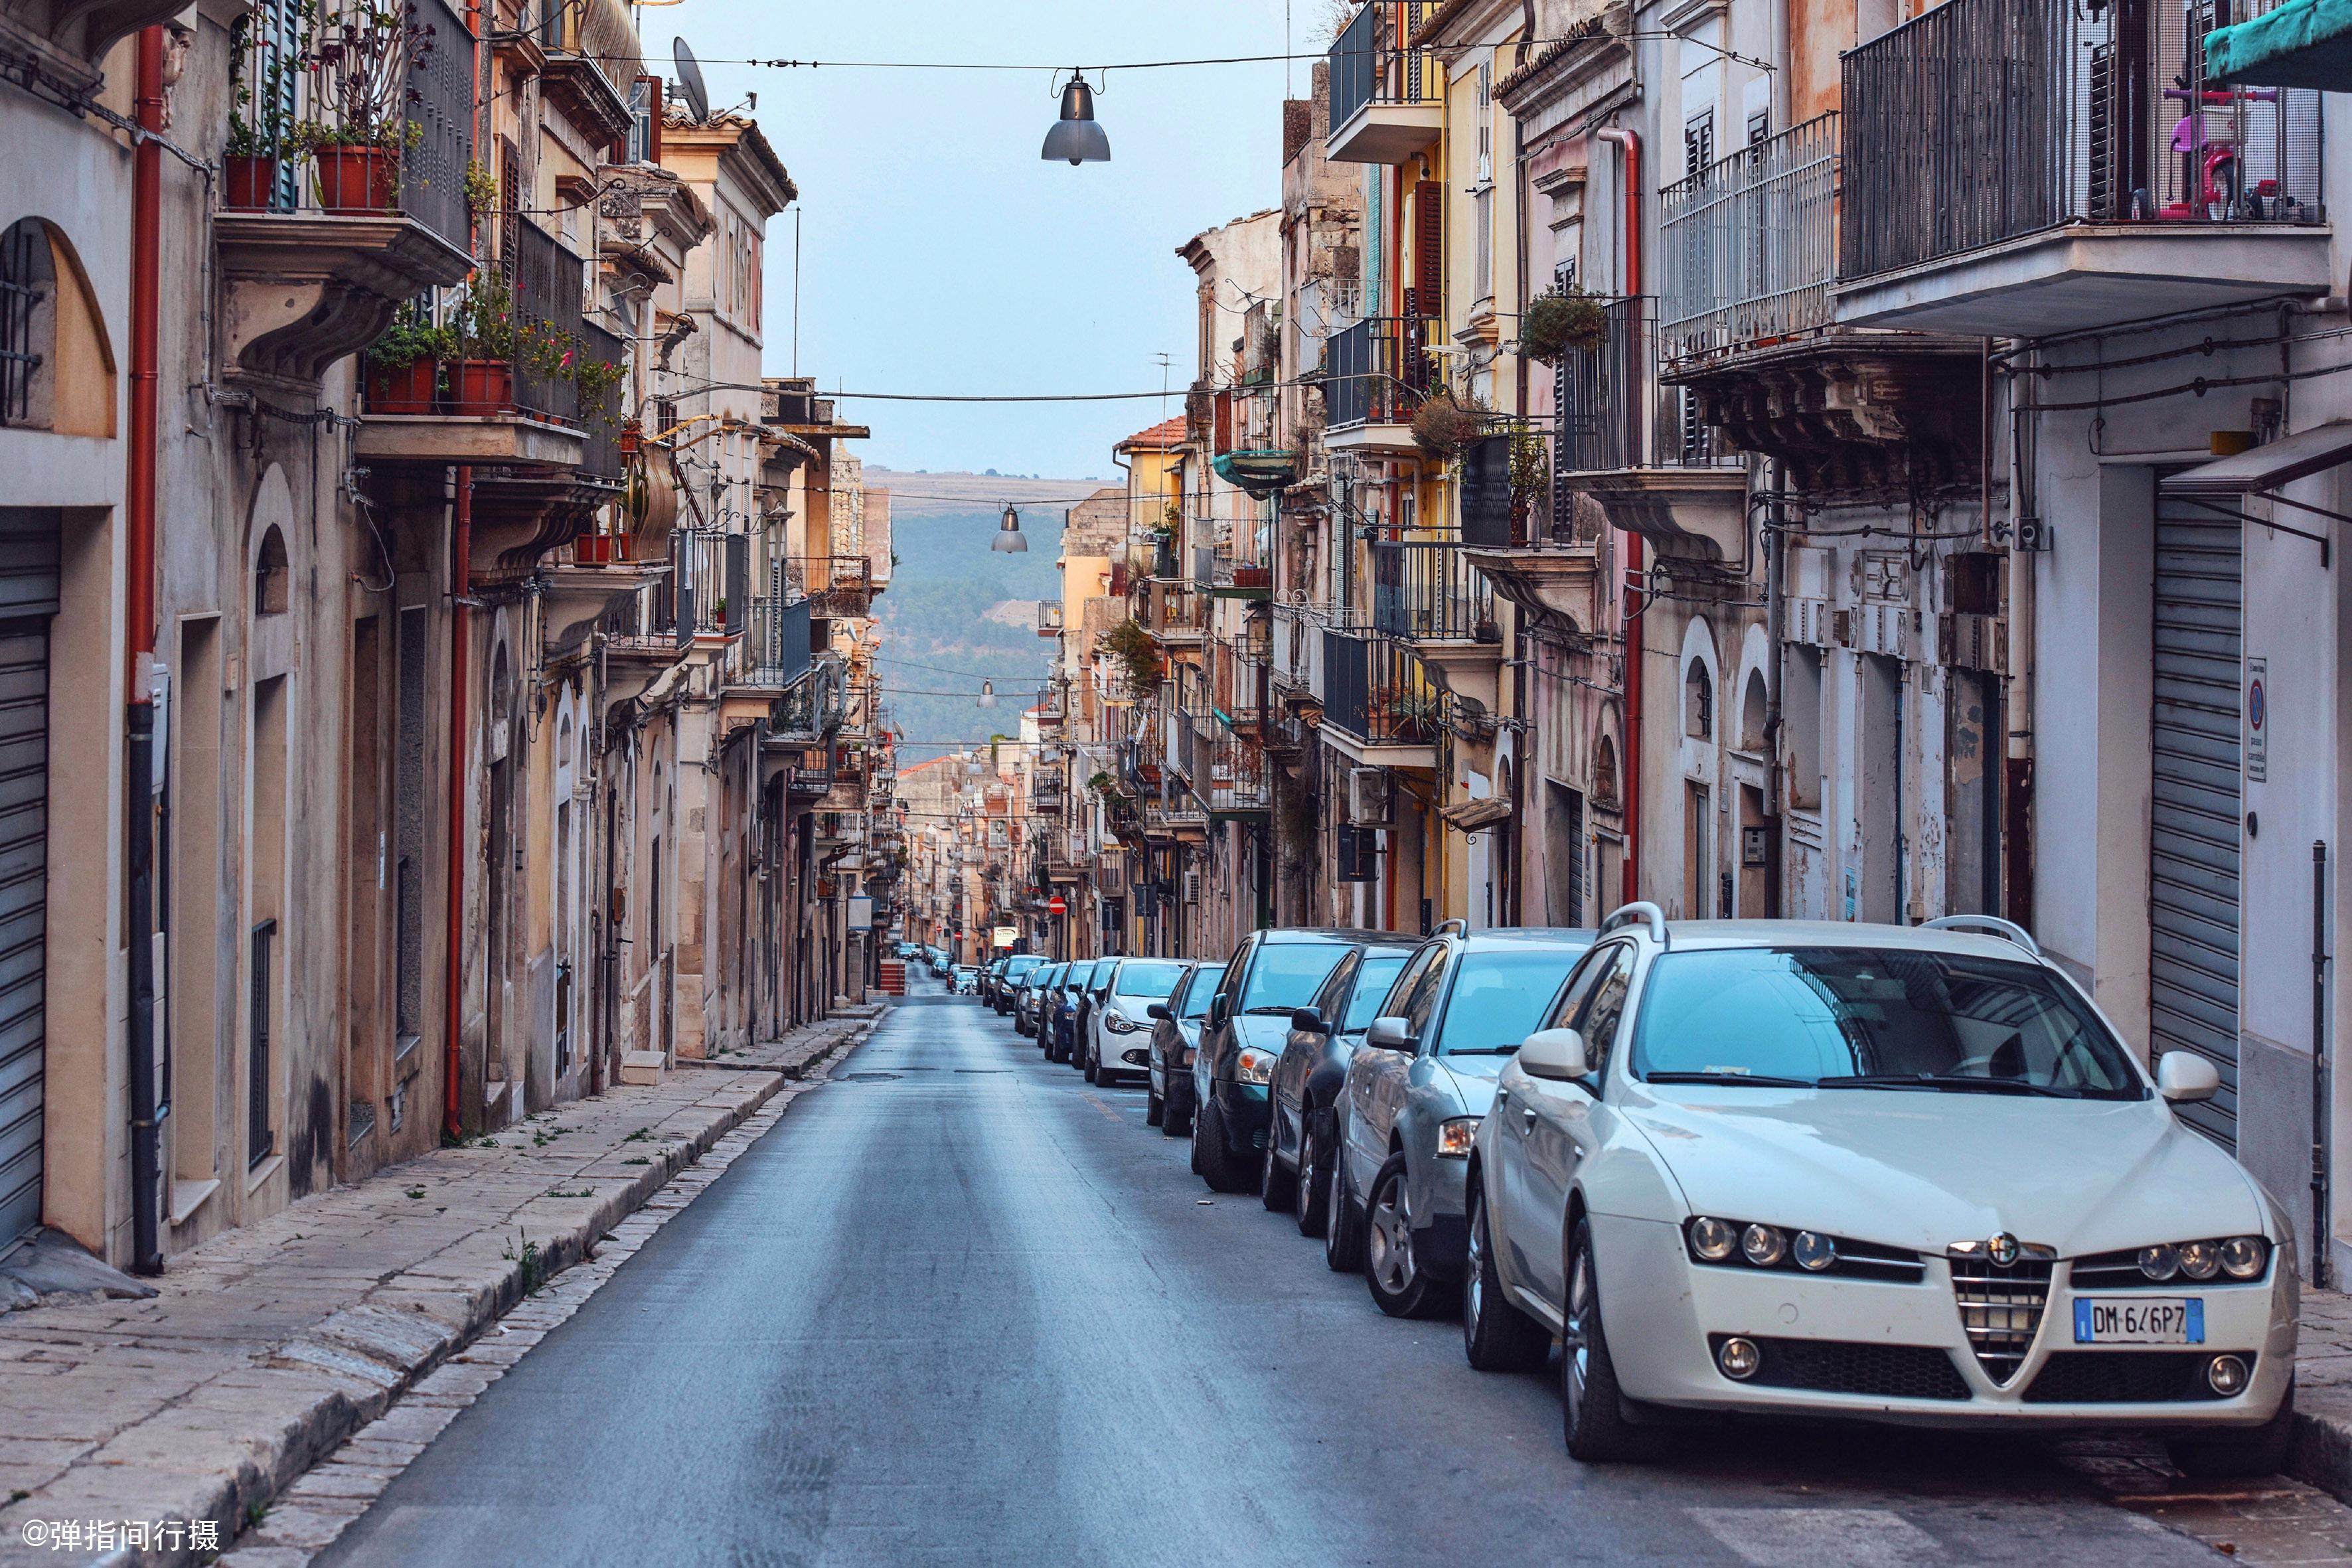 意大利西西里岛这座山谷小城,被誉为欧洲巴洛克艺术最后的高潮